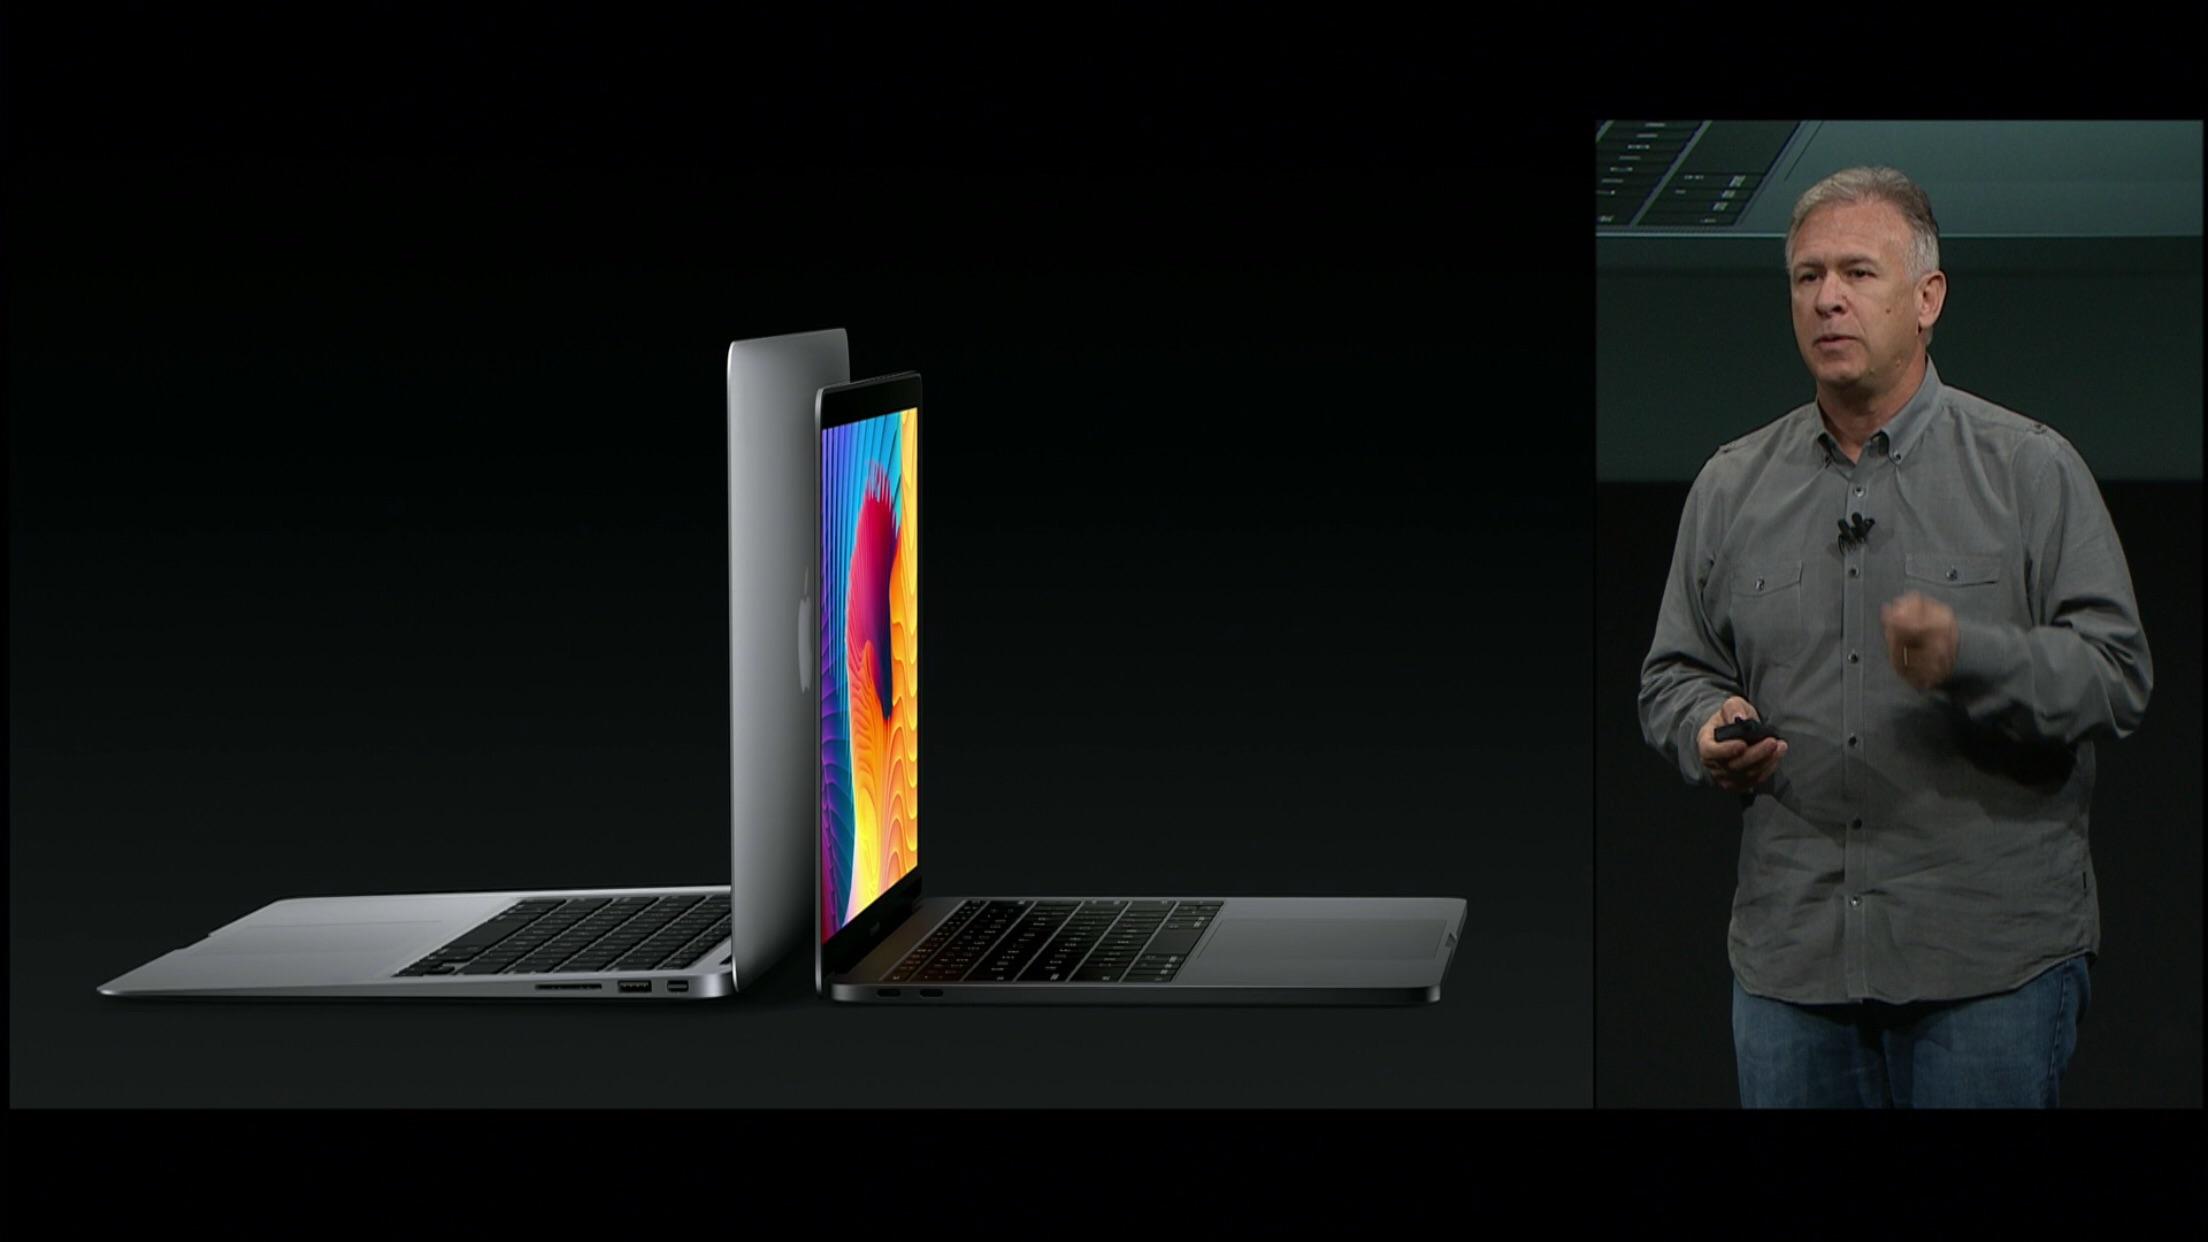 macbook pro v macbook air keynote